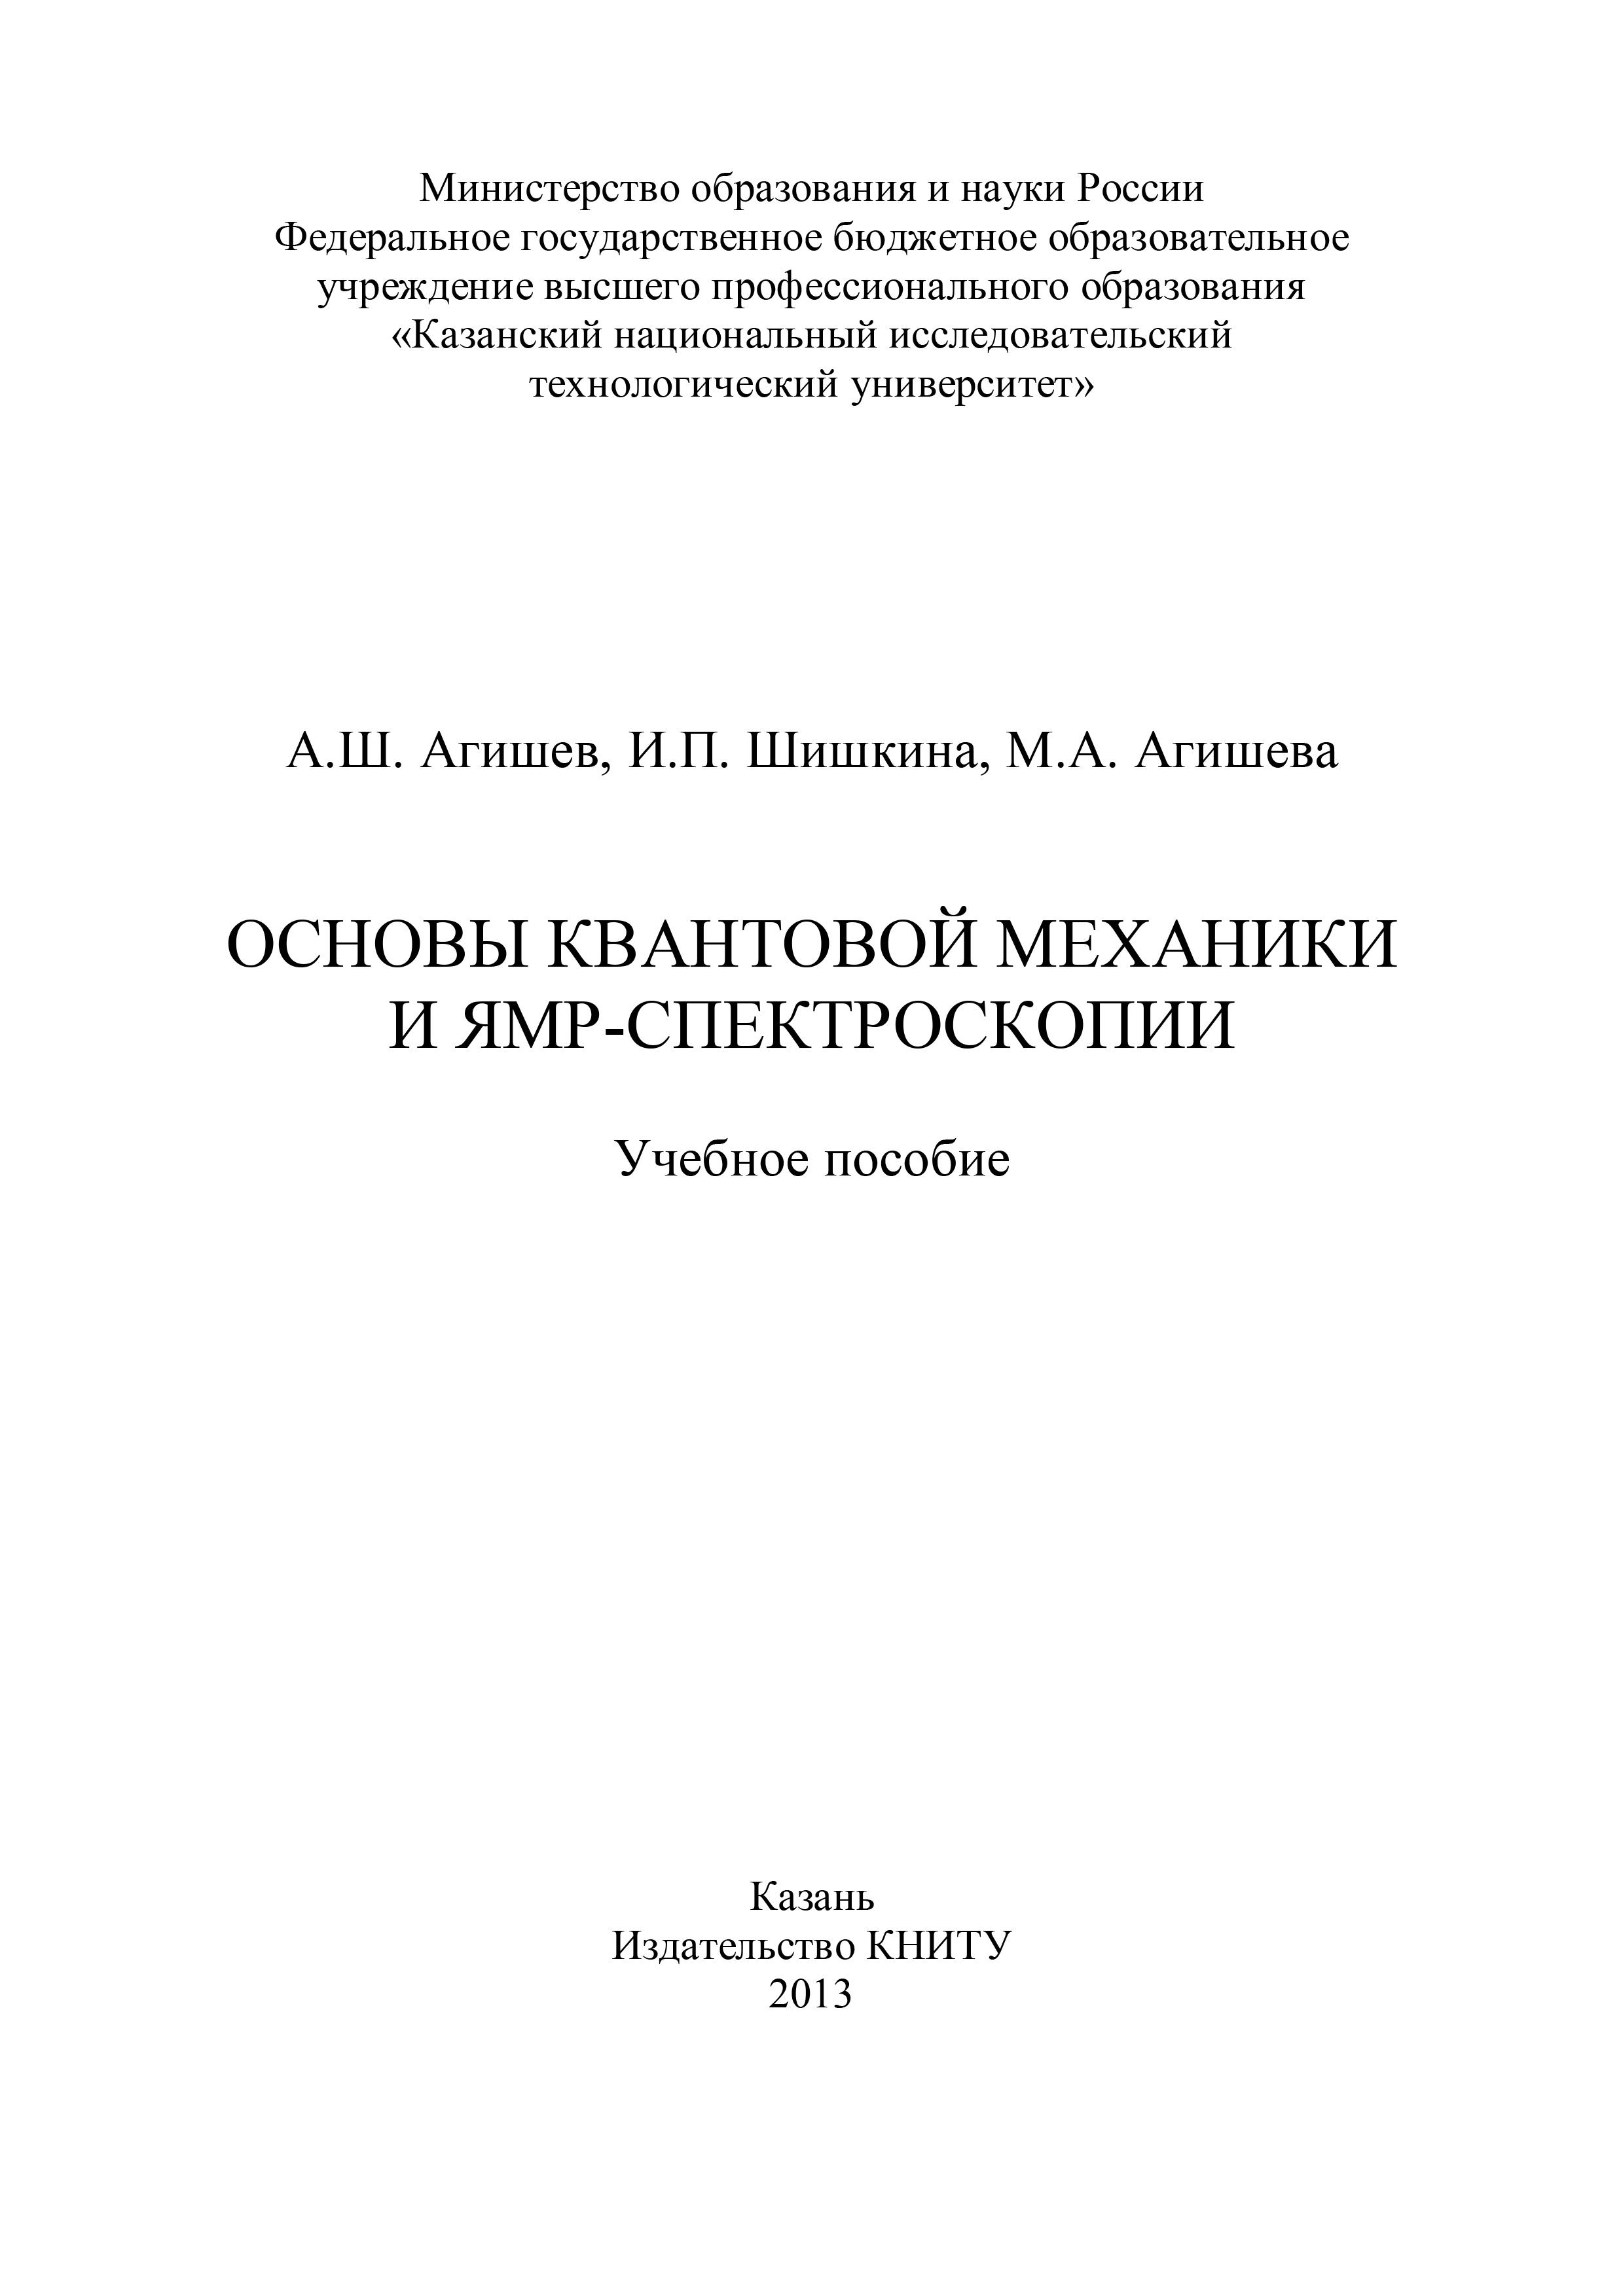 И. П. Шишкина Основы квантовой механики и ЯМР-спектроскопии